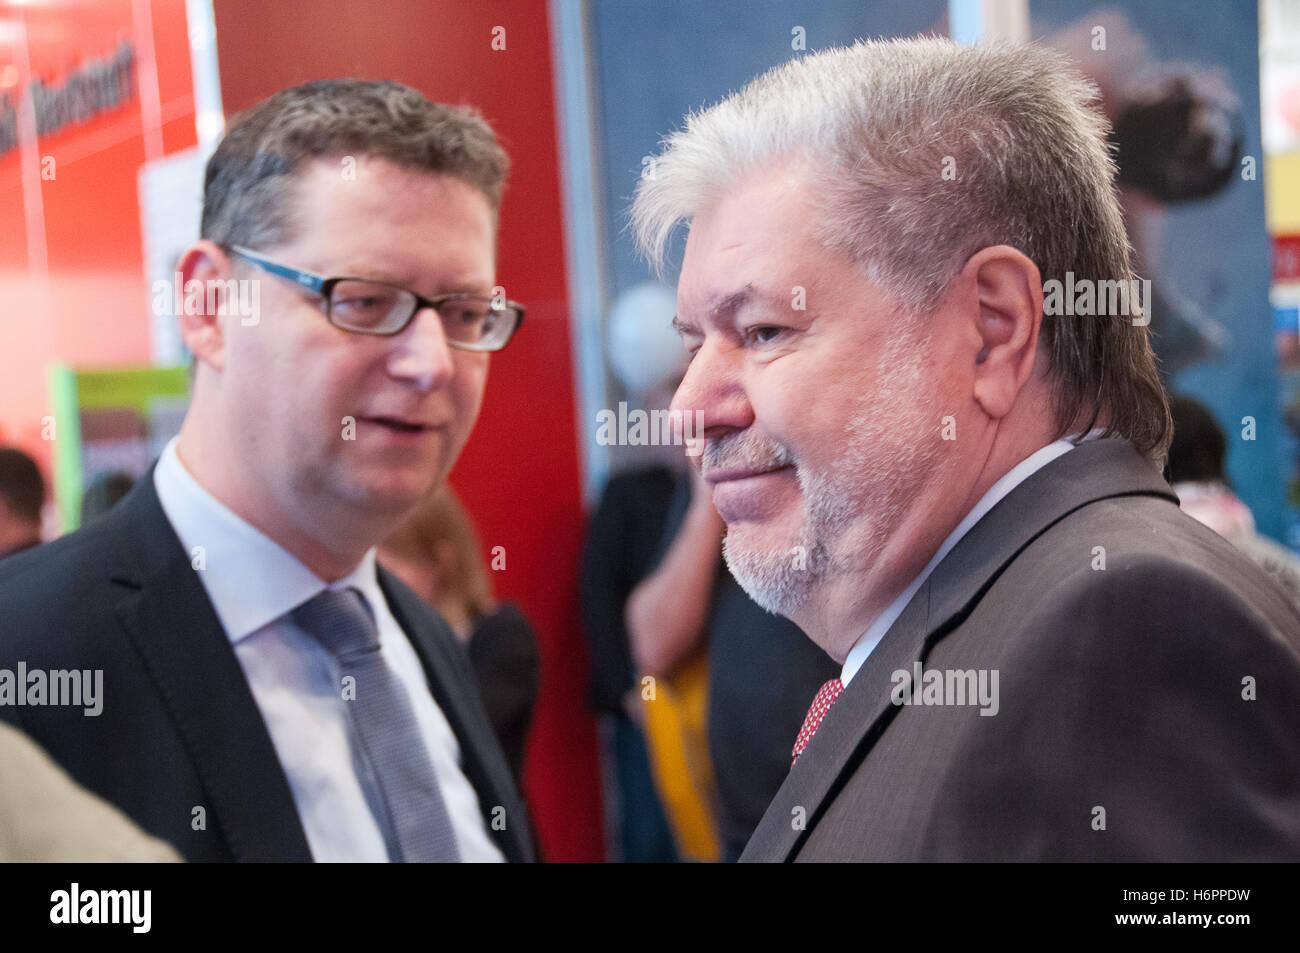 Thorsten Schäfer-gümbel, Kurt Beck, deutscher Politiker (SPD), der Frankfurter Buchmesse 2014 Stockbild